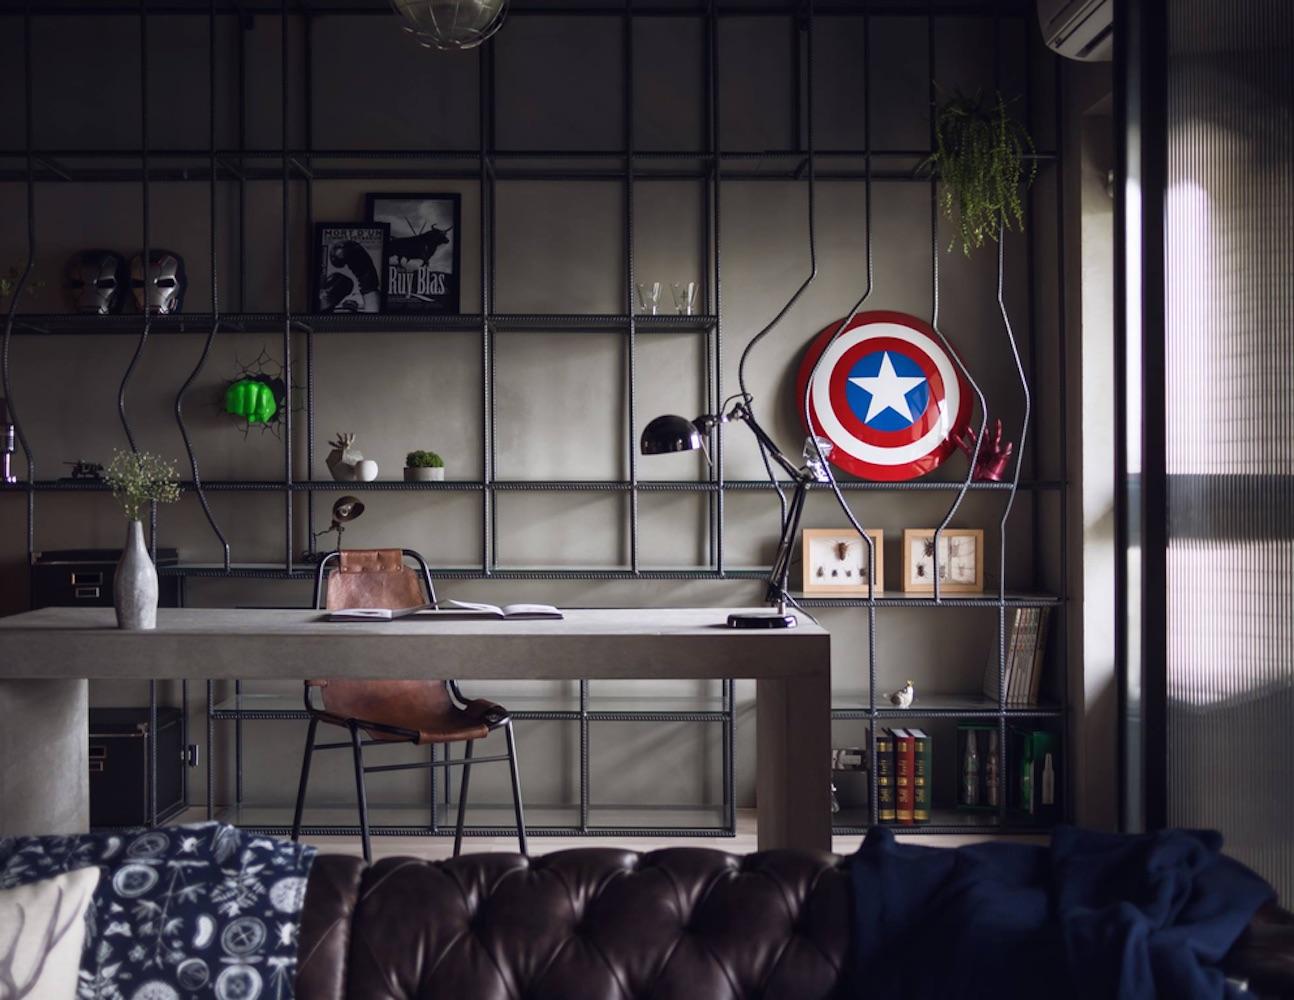 avenger-shield